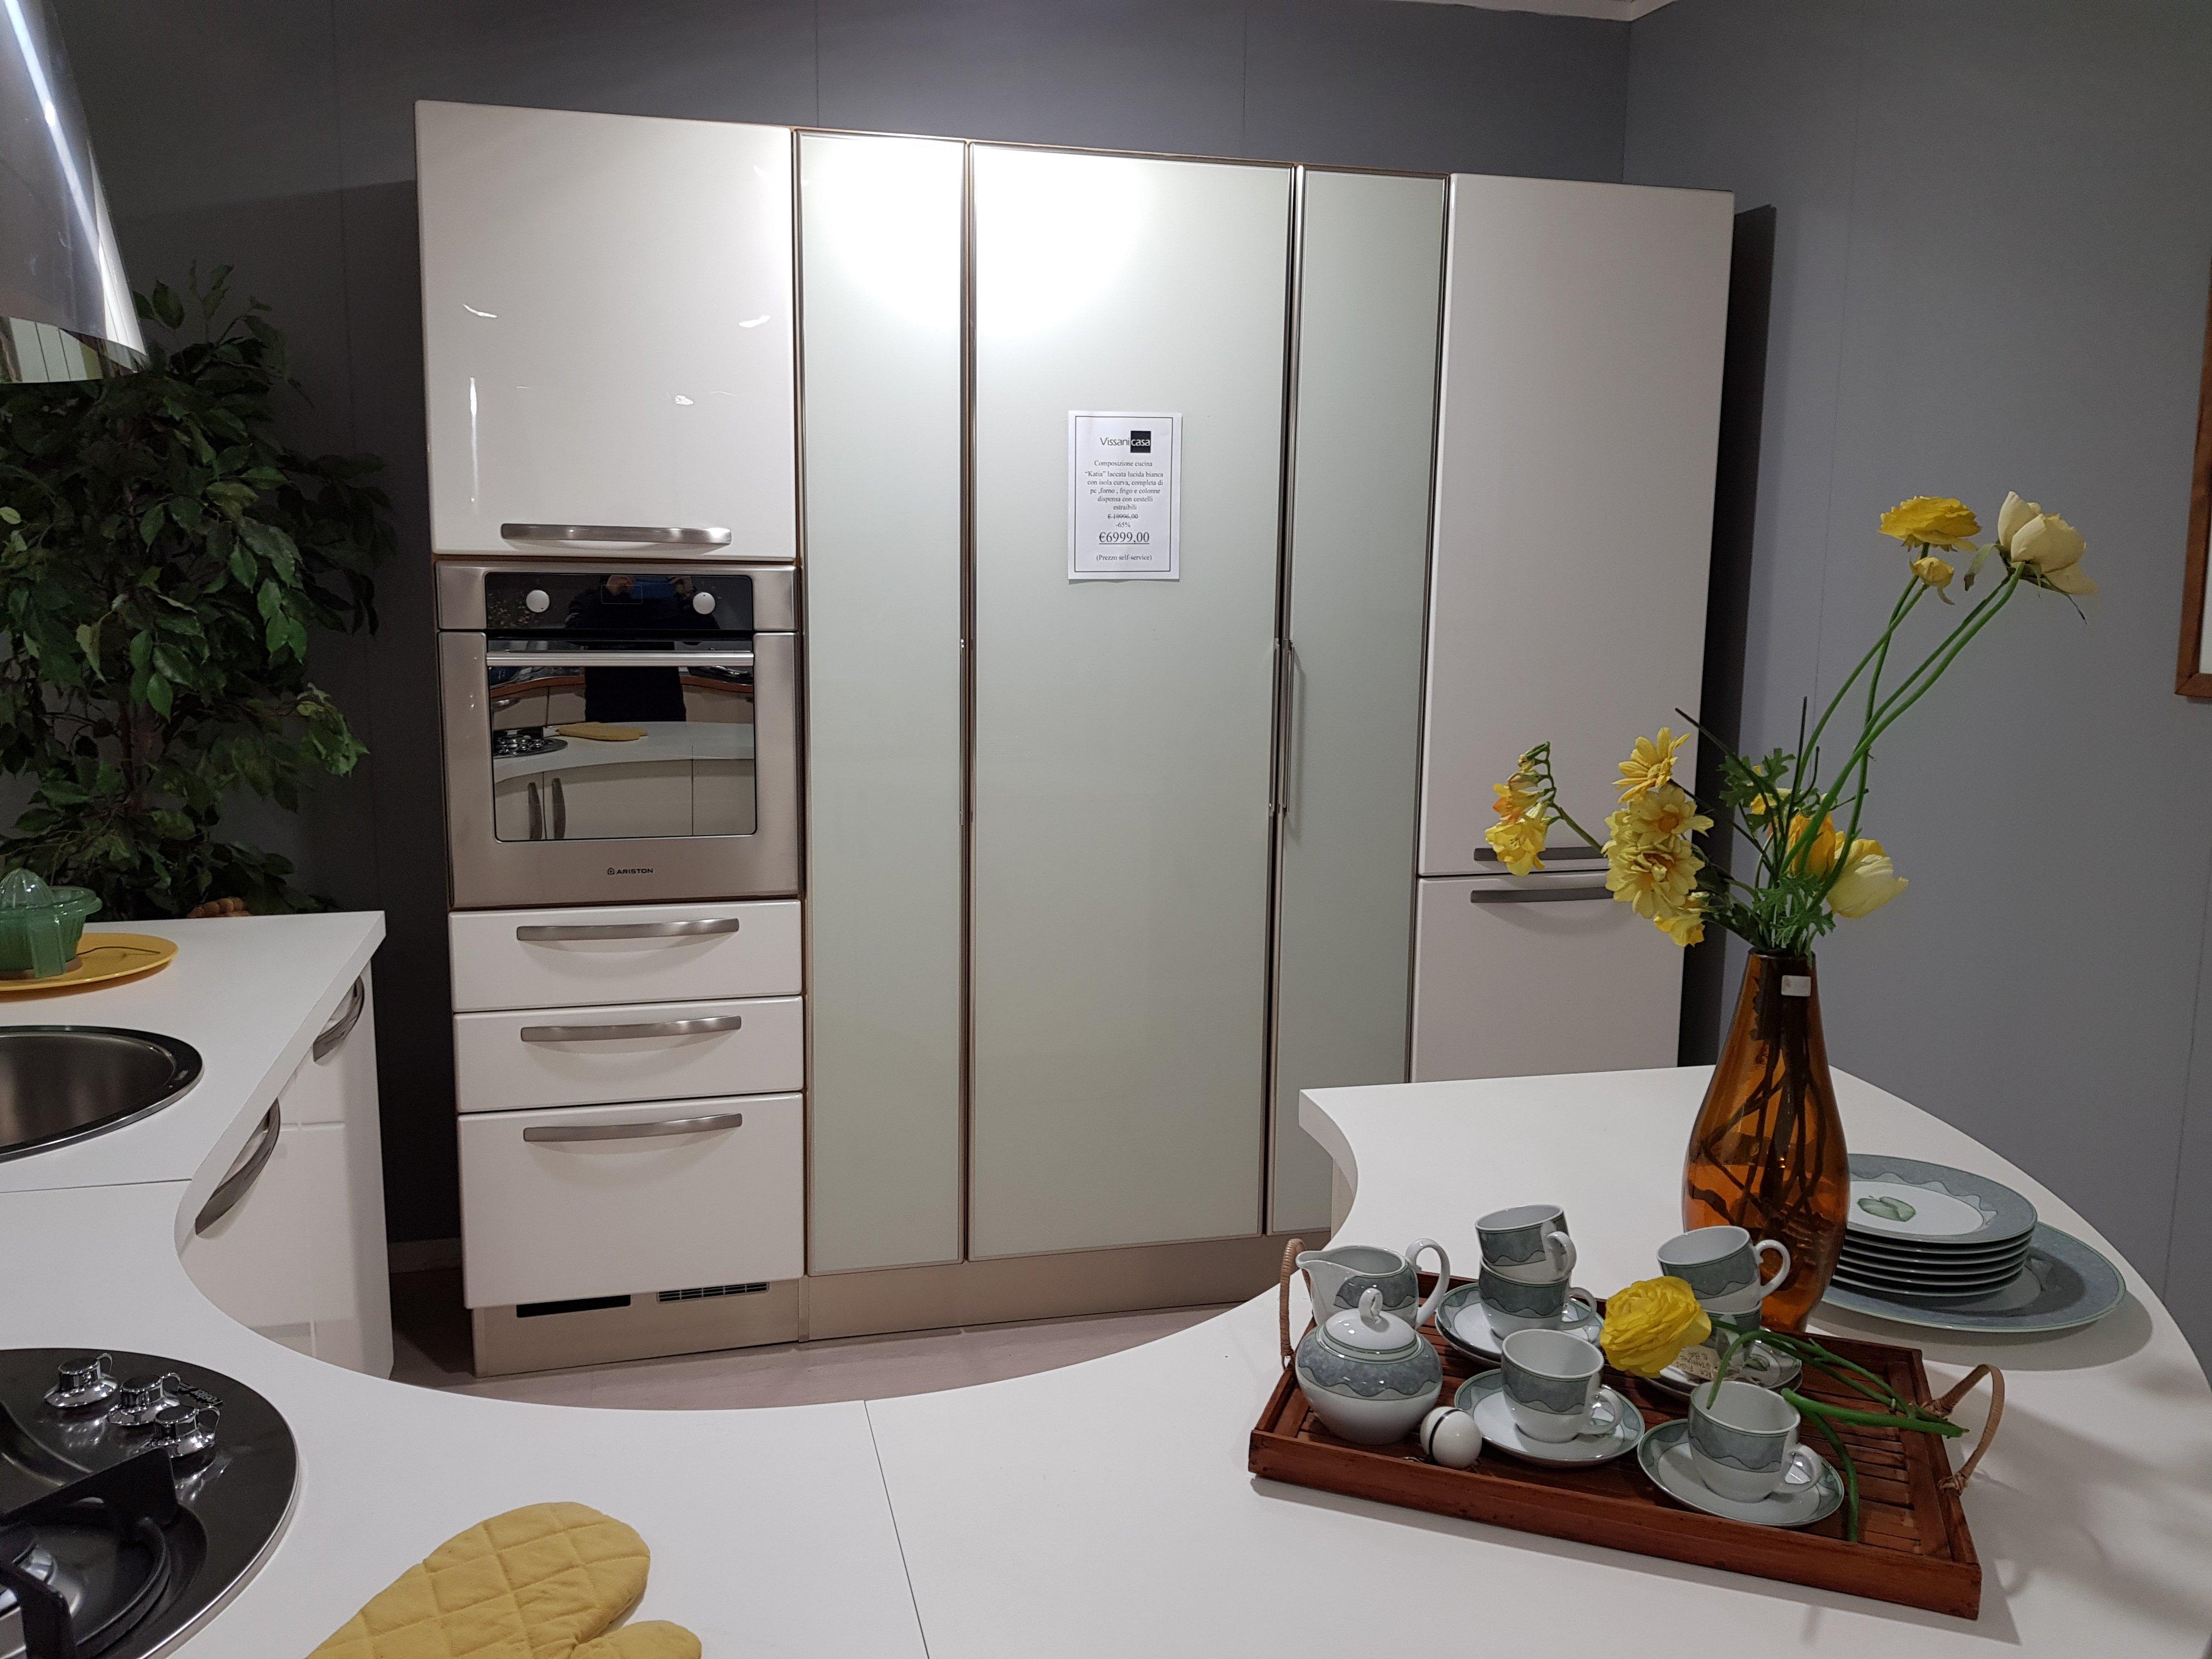 Cucina Lube Katia bianco laccato lucido - Vissani Casa